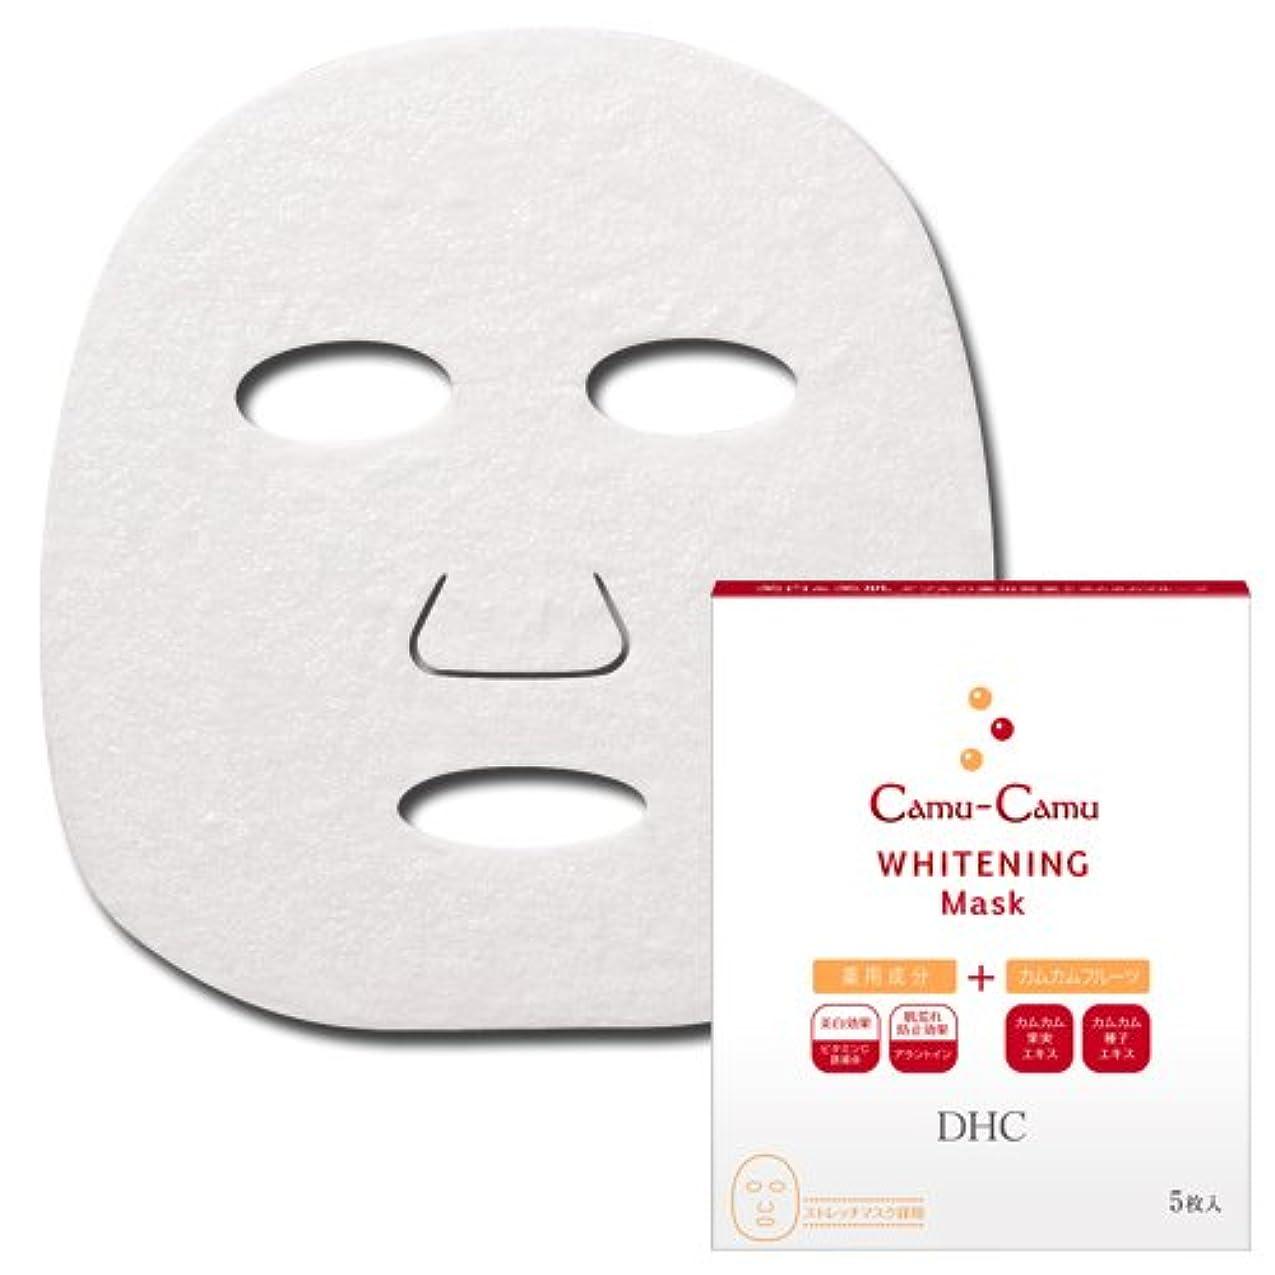 と適格運河【医薬部外品】DHC薬用カムCホワイトニングマスク[5枚入]